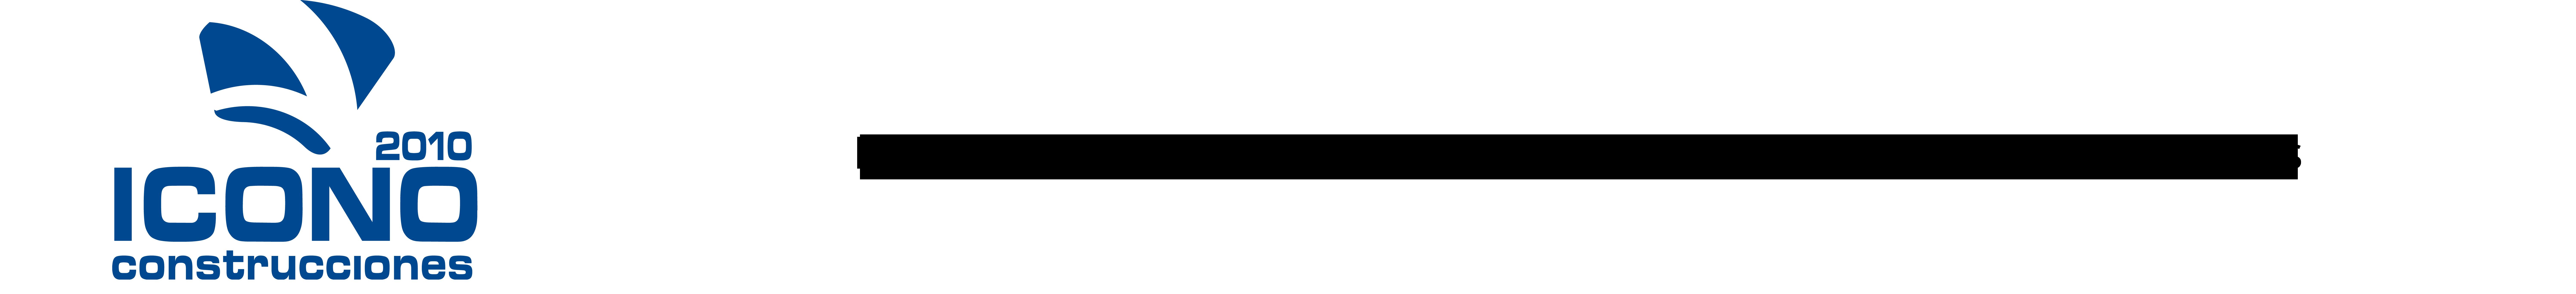 icono2010 Logo